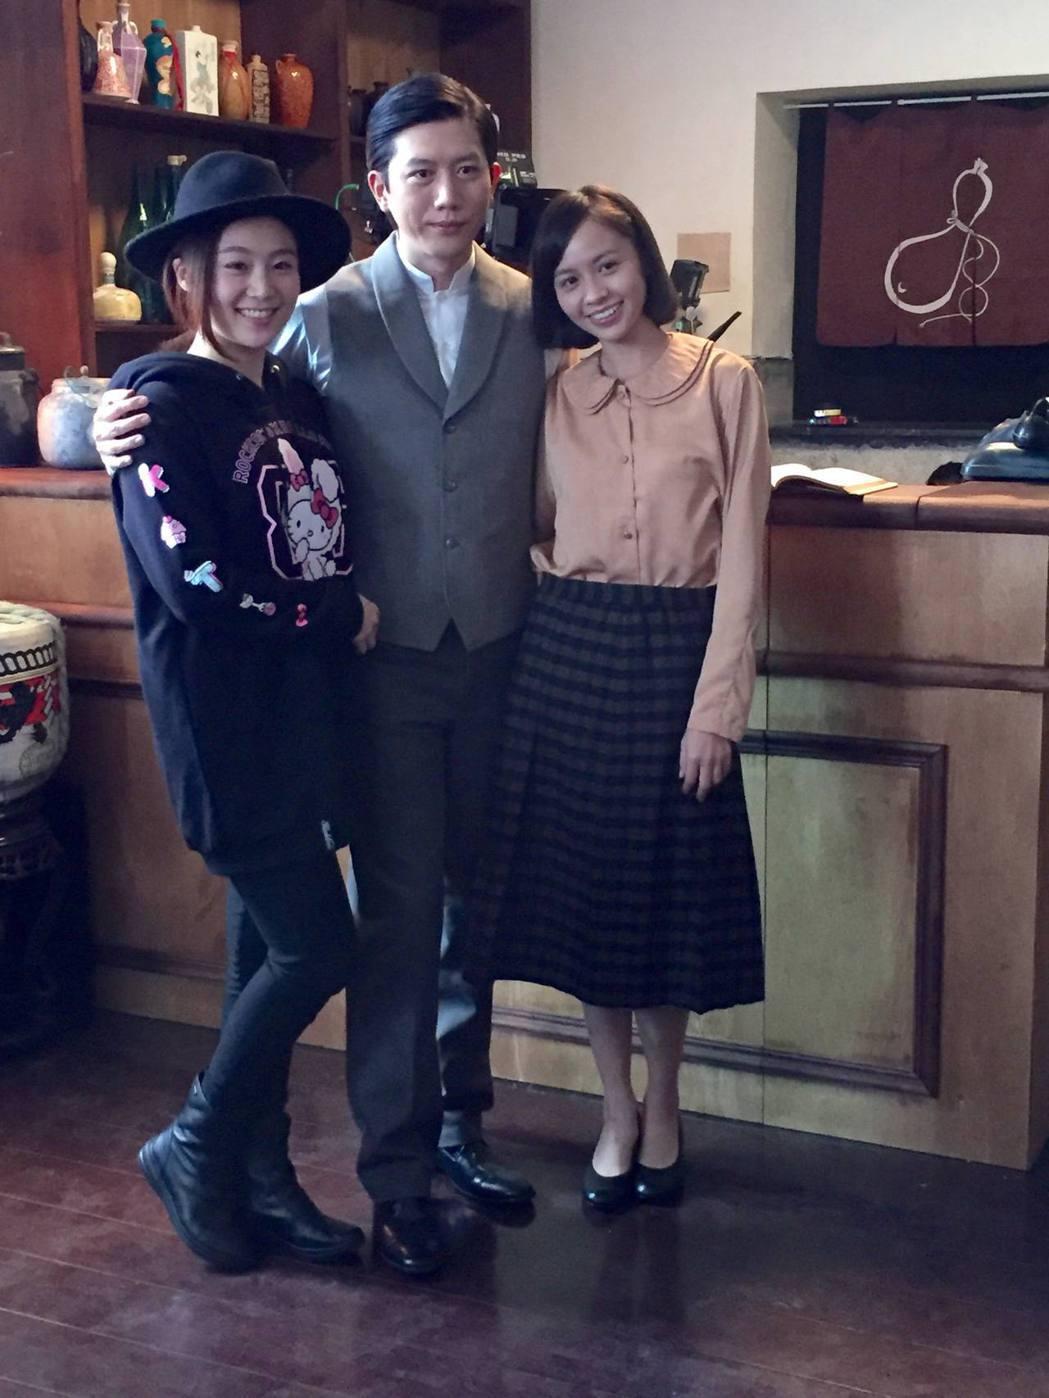 莫子儀演出「台北歌手」和楊小黎、黃姵嘉搭檔。圖/客台提供